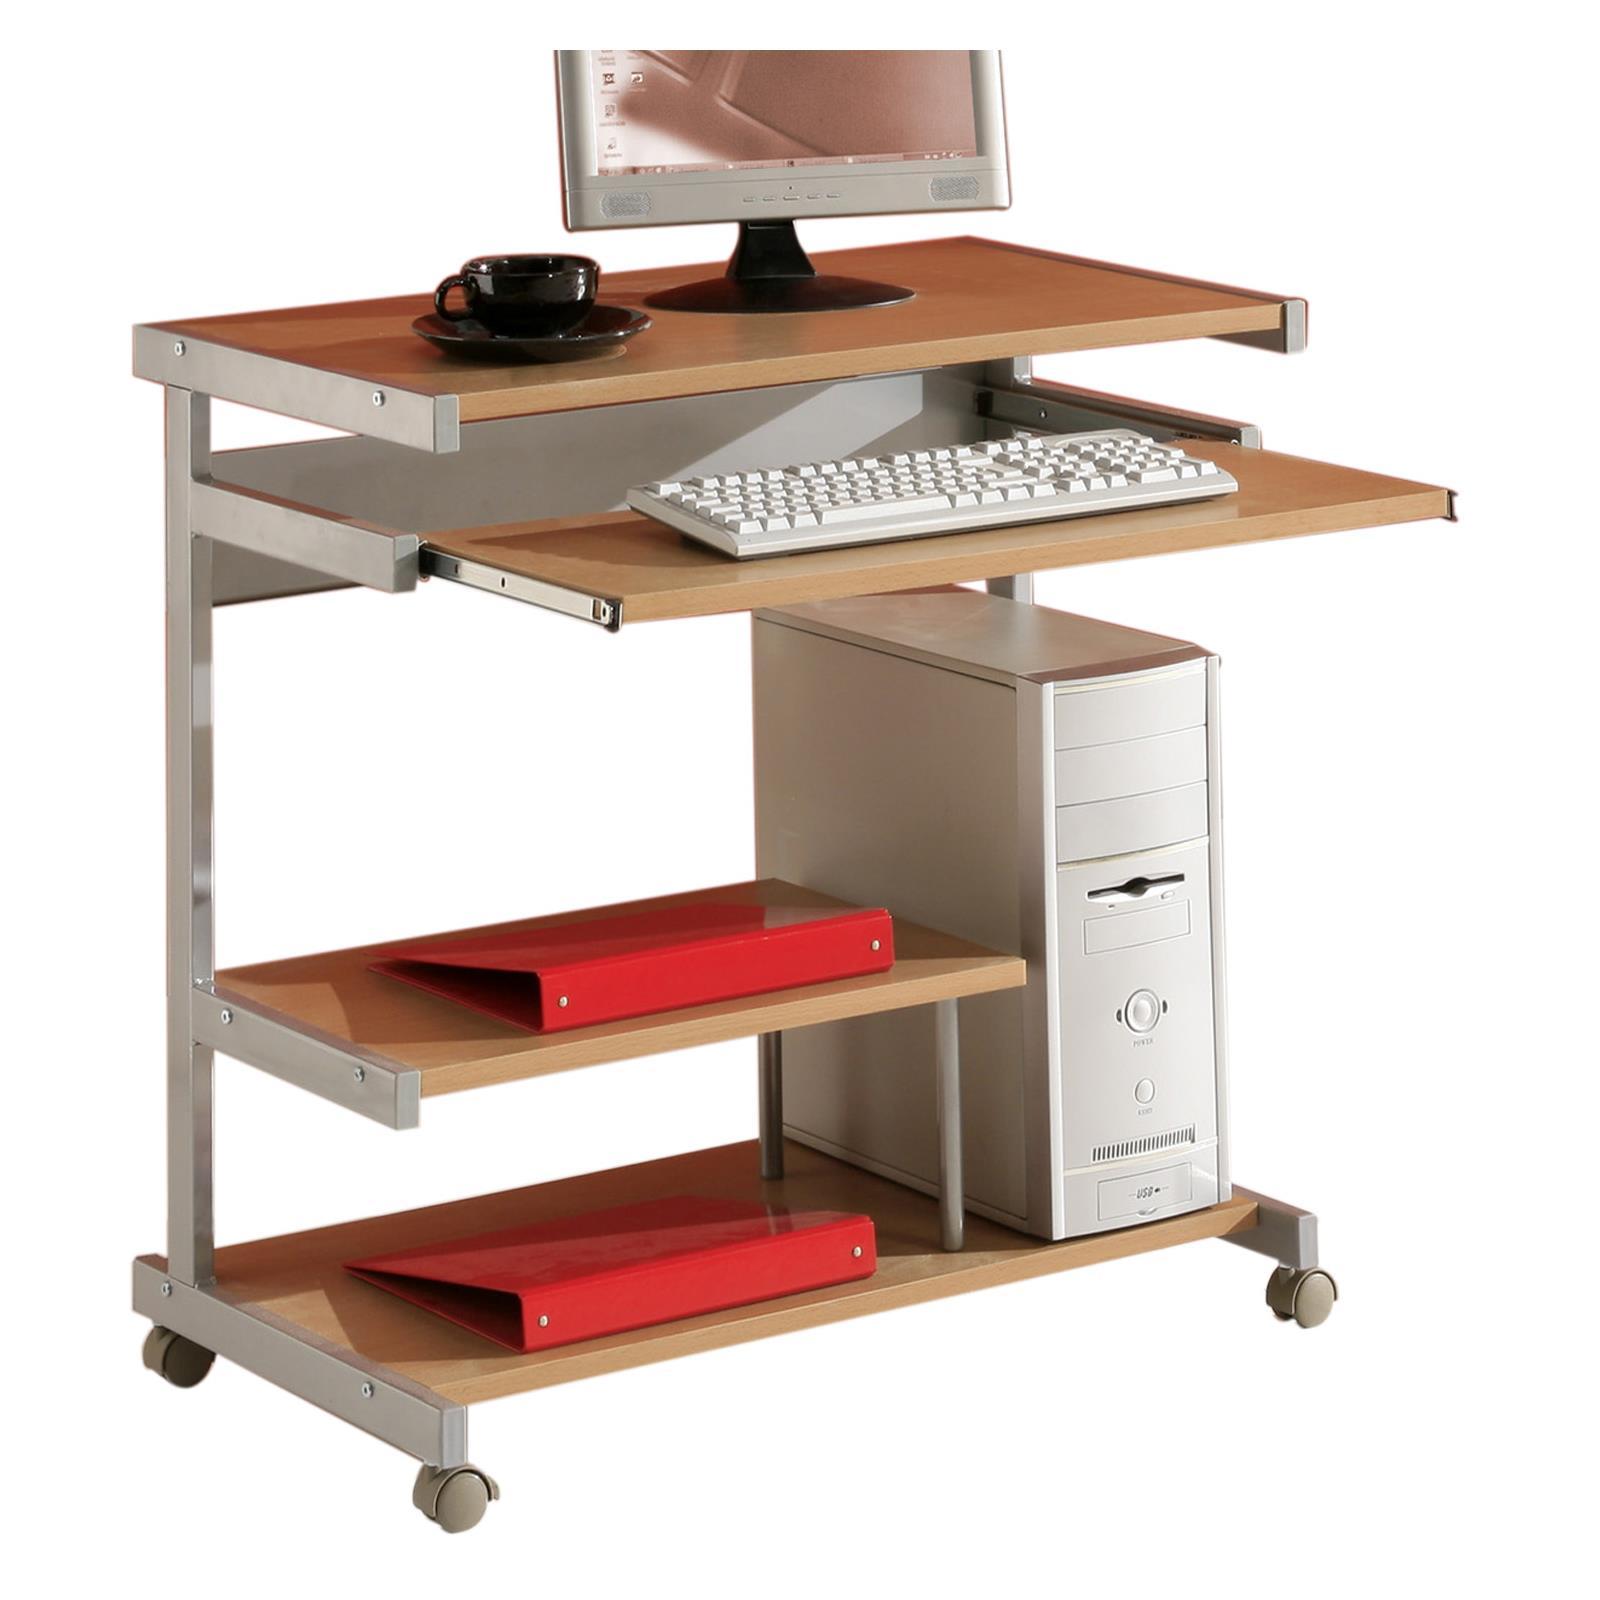 Bureau ordinateur joker d cor h tre mobil meubles for Meuble bureau hetre